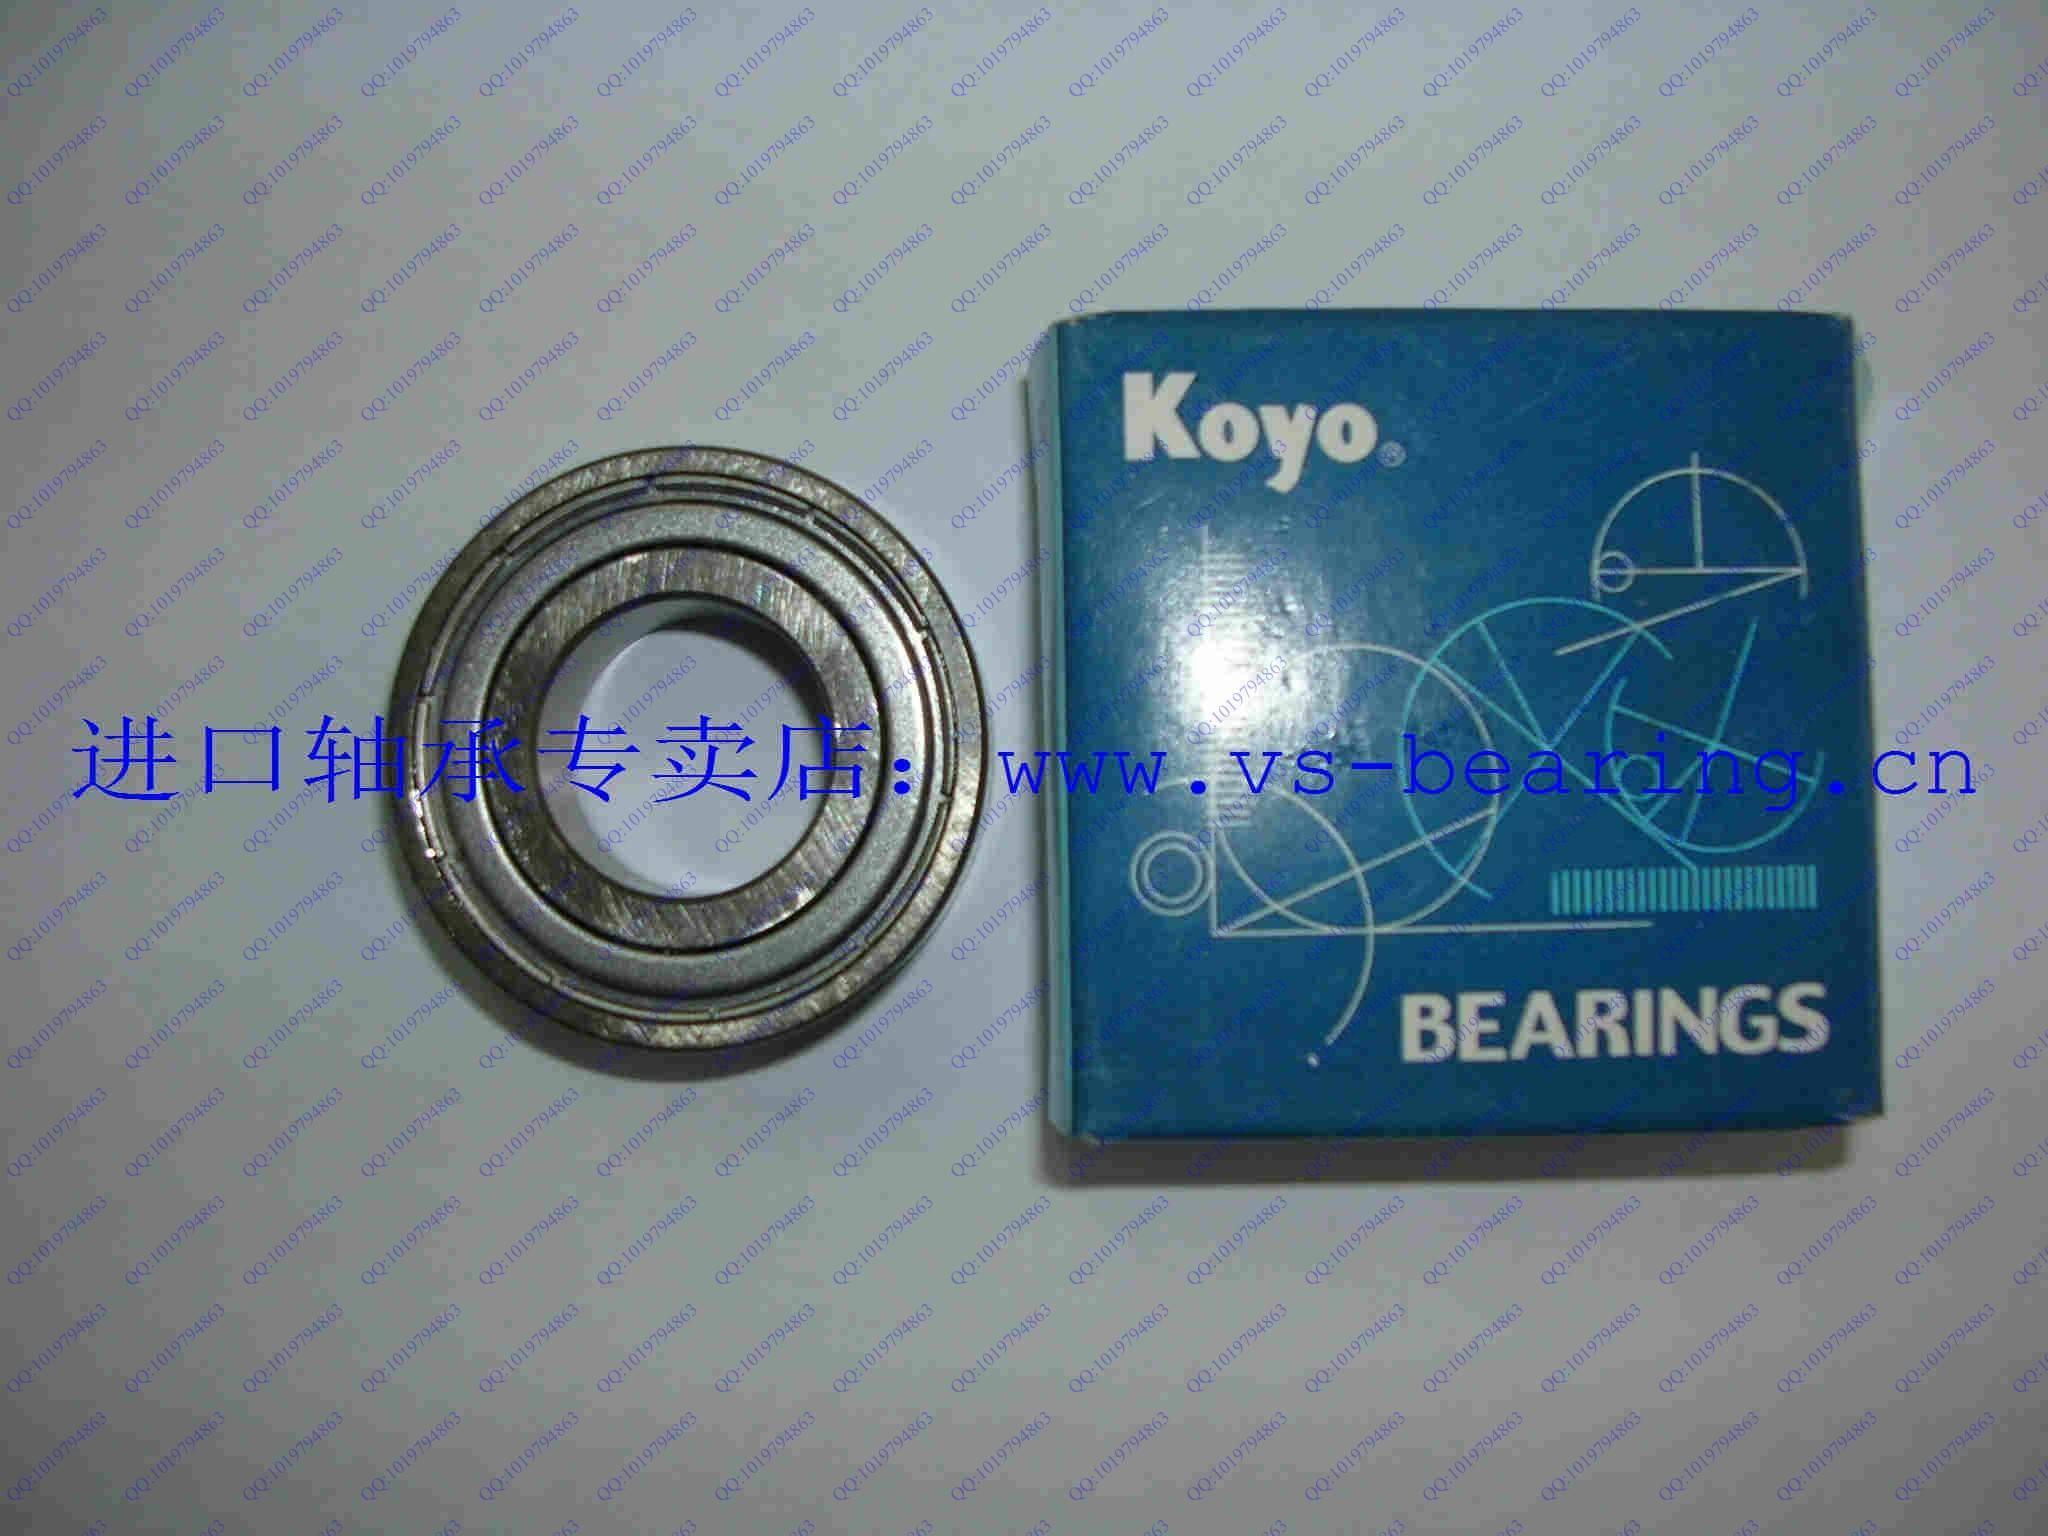 Japan KOYO bearings